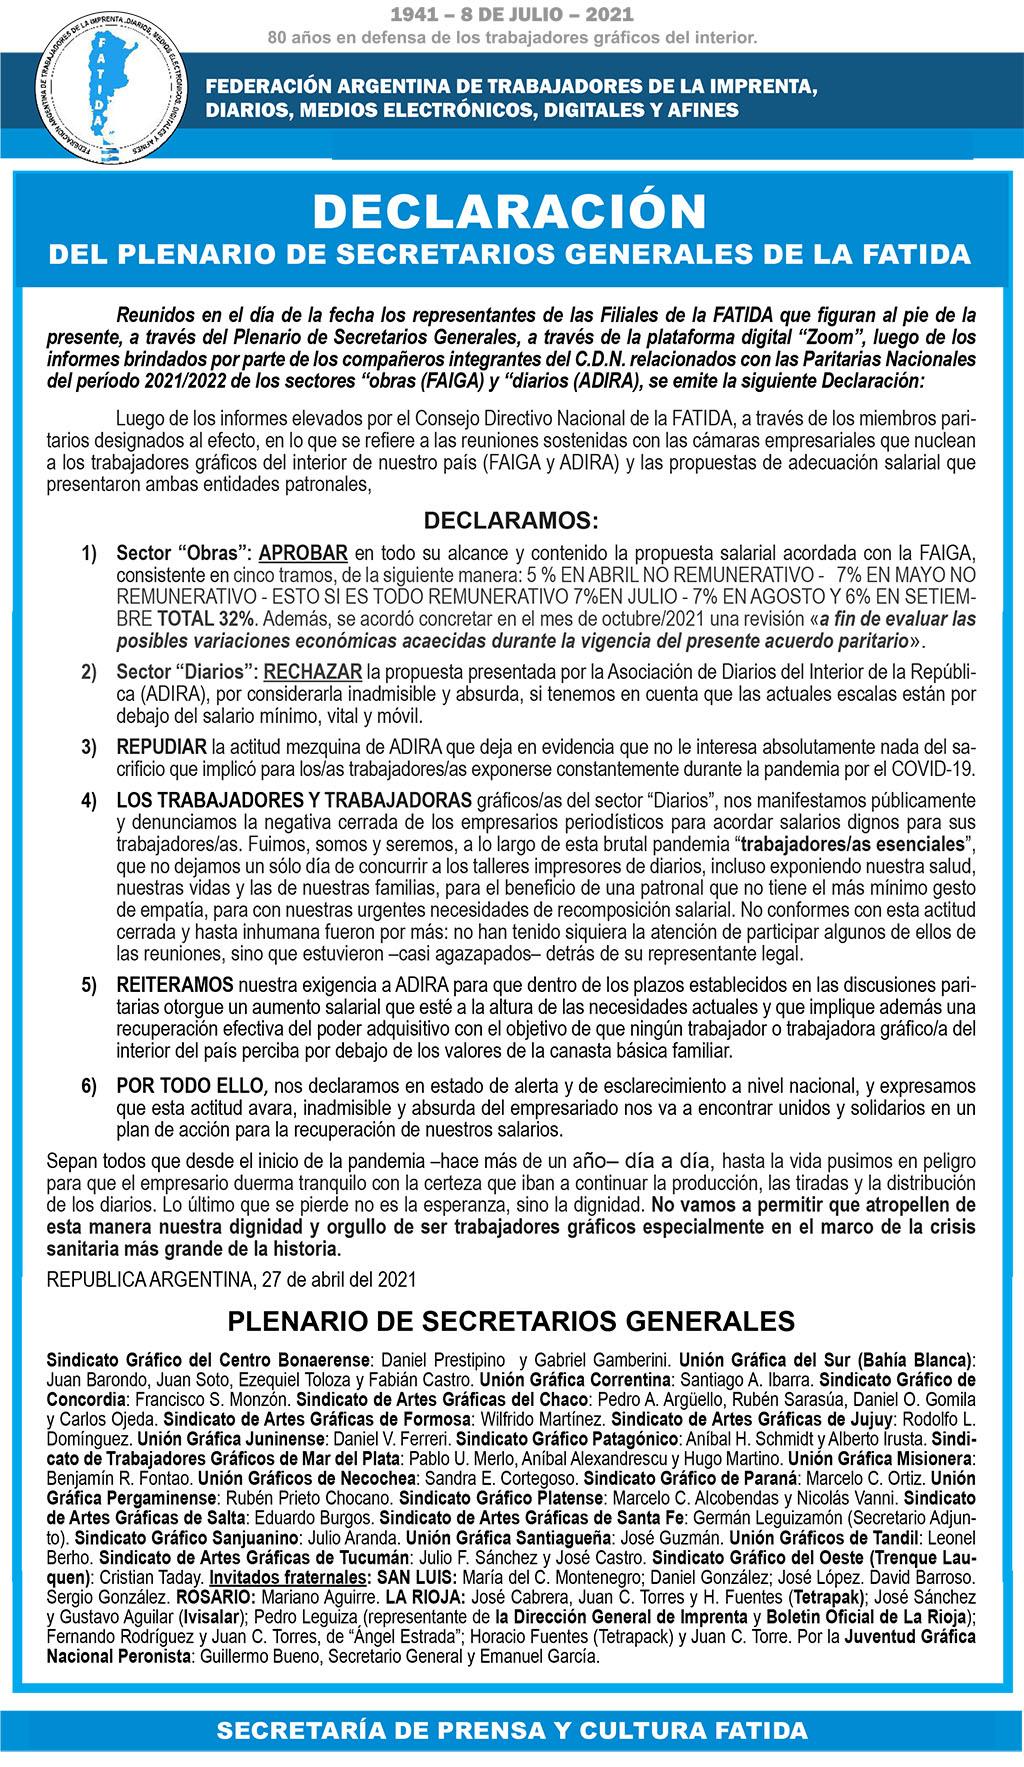 Declaración Plenario de Secretarios Generales 27-4